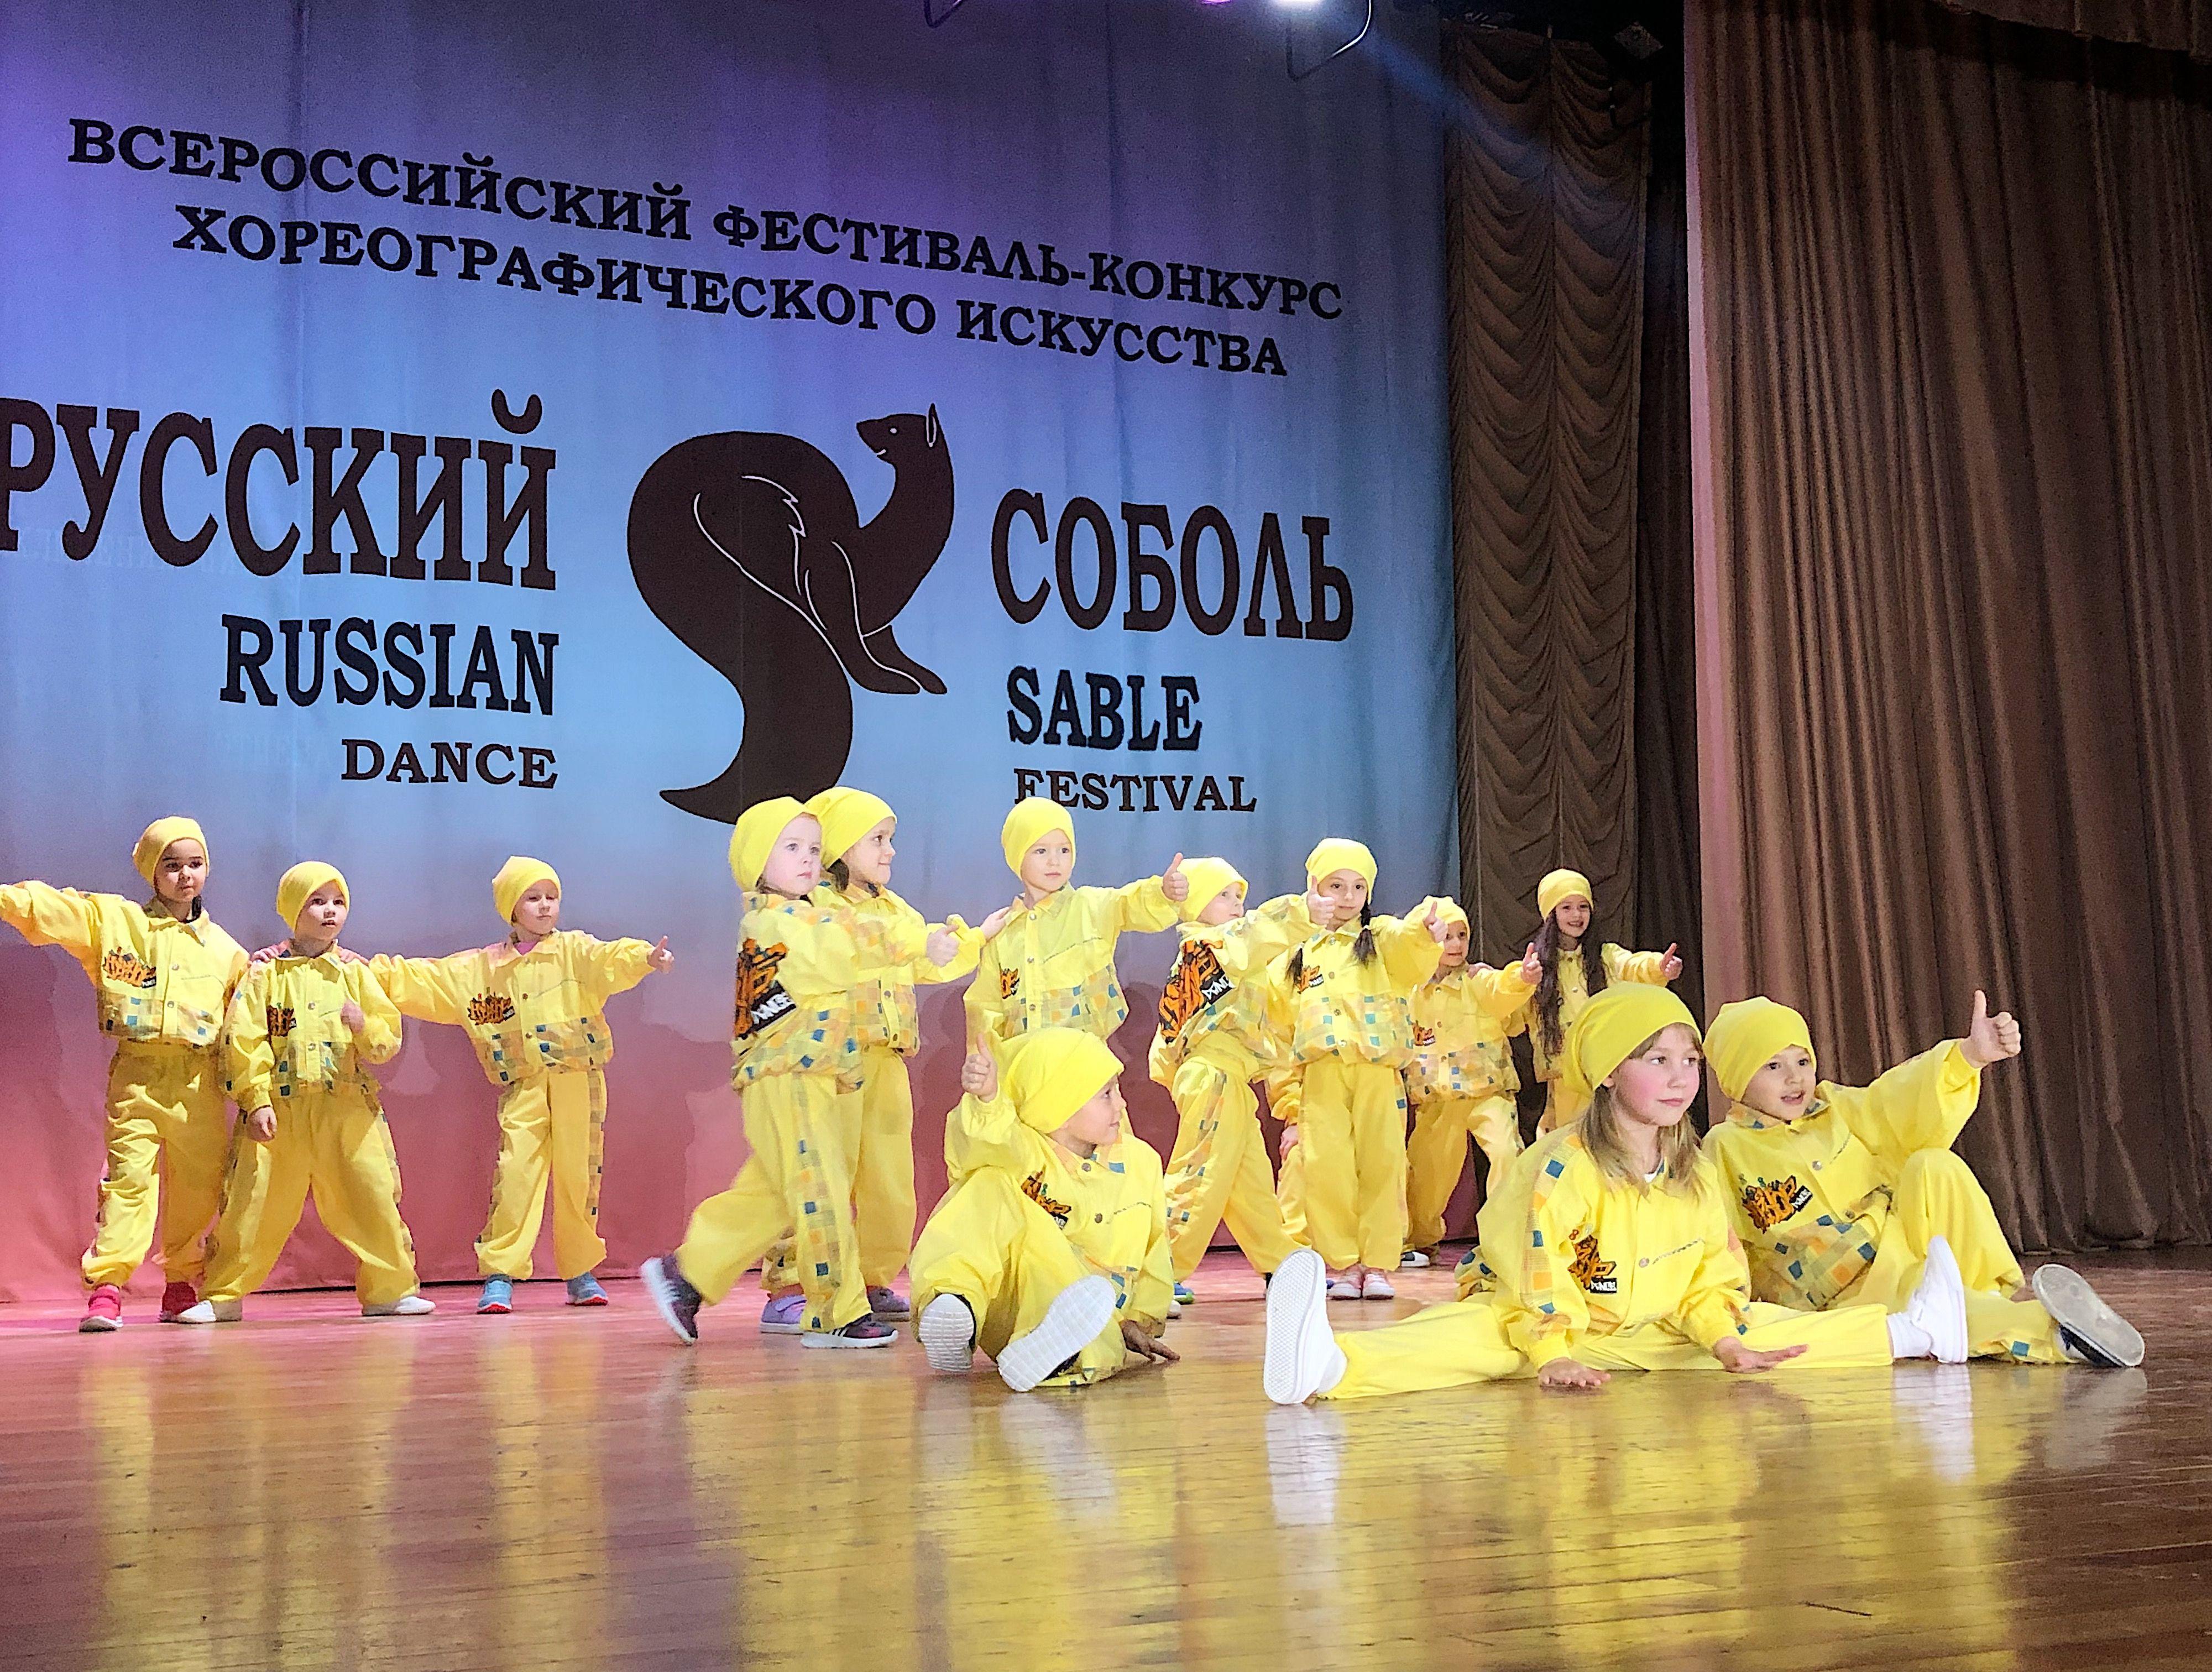 Фестиваль-конкурс хореографического мастерства «Русский соболь»: через национальный характер — к танцу